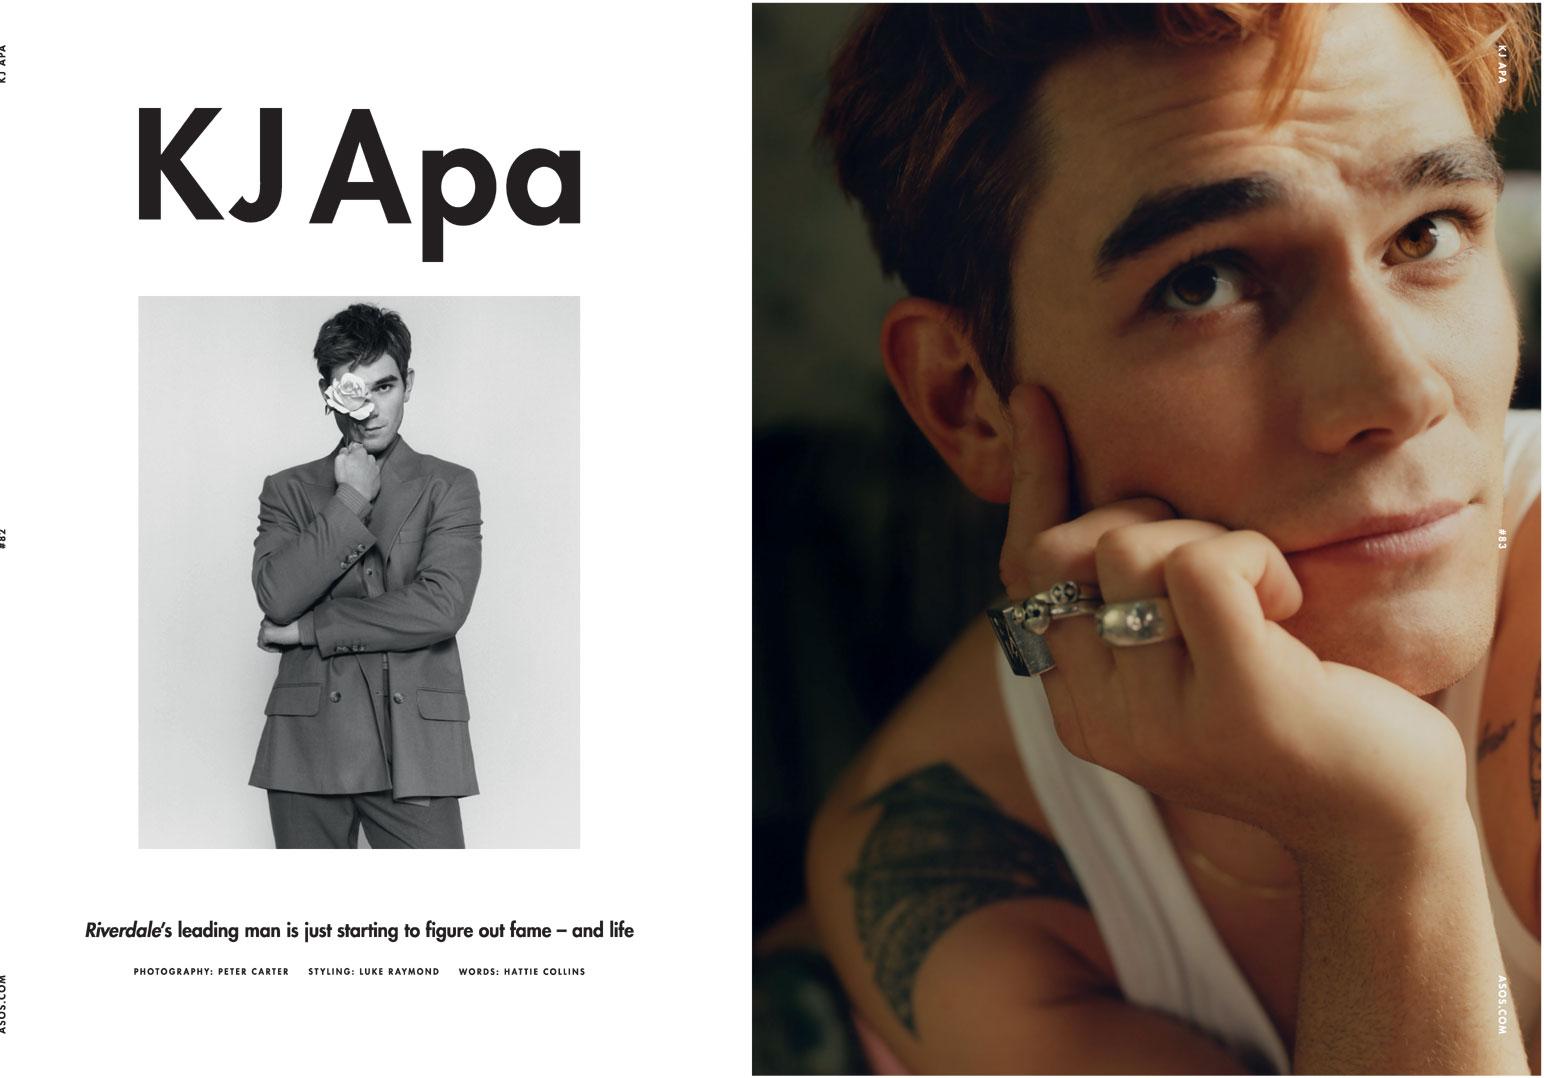 VIP4-91---KJ_Apa_9_90-37520